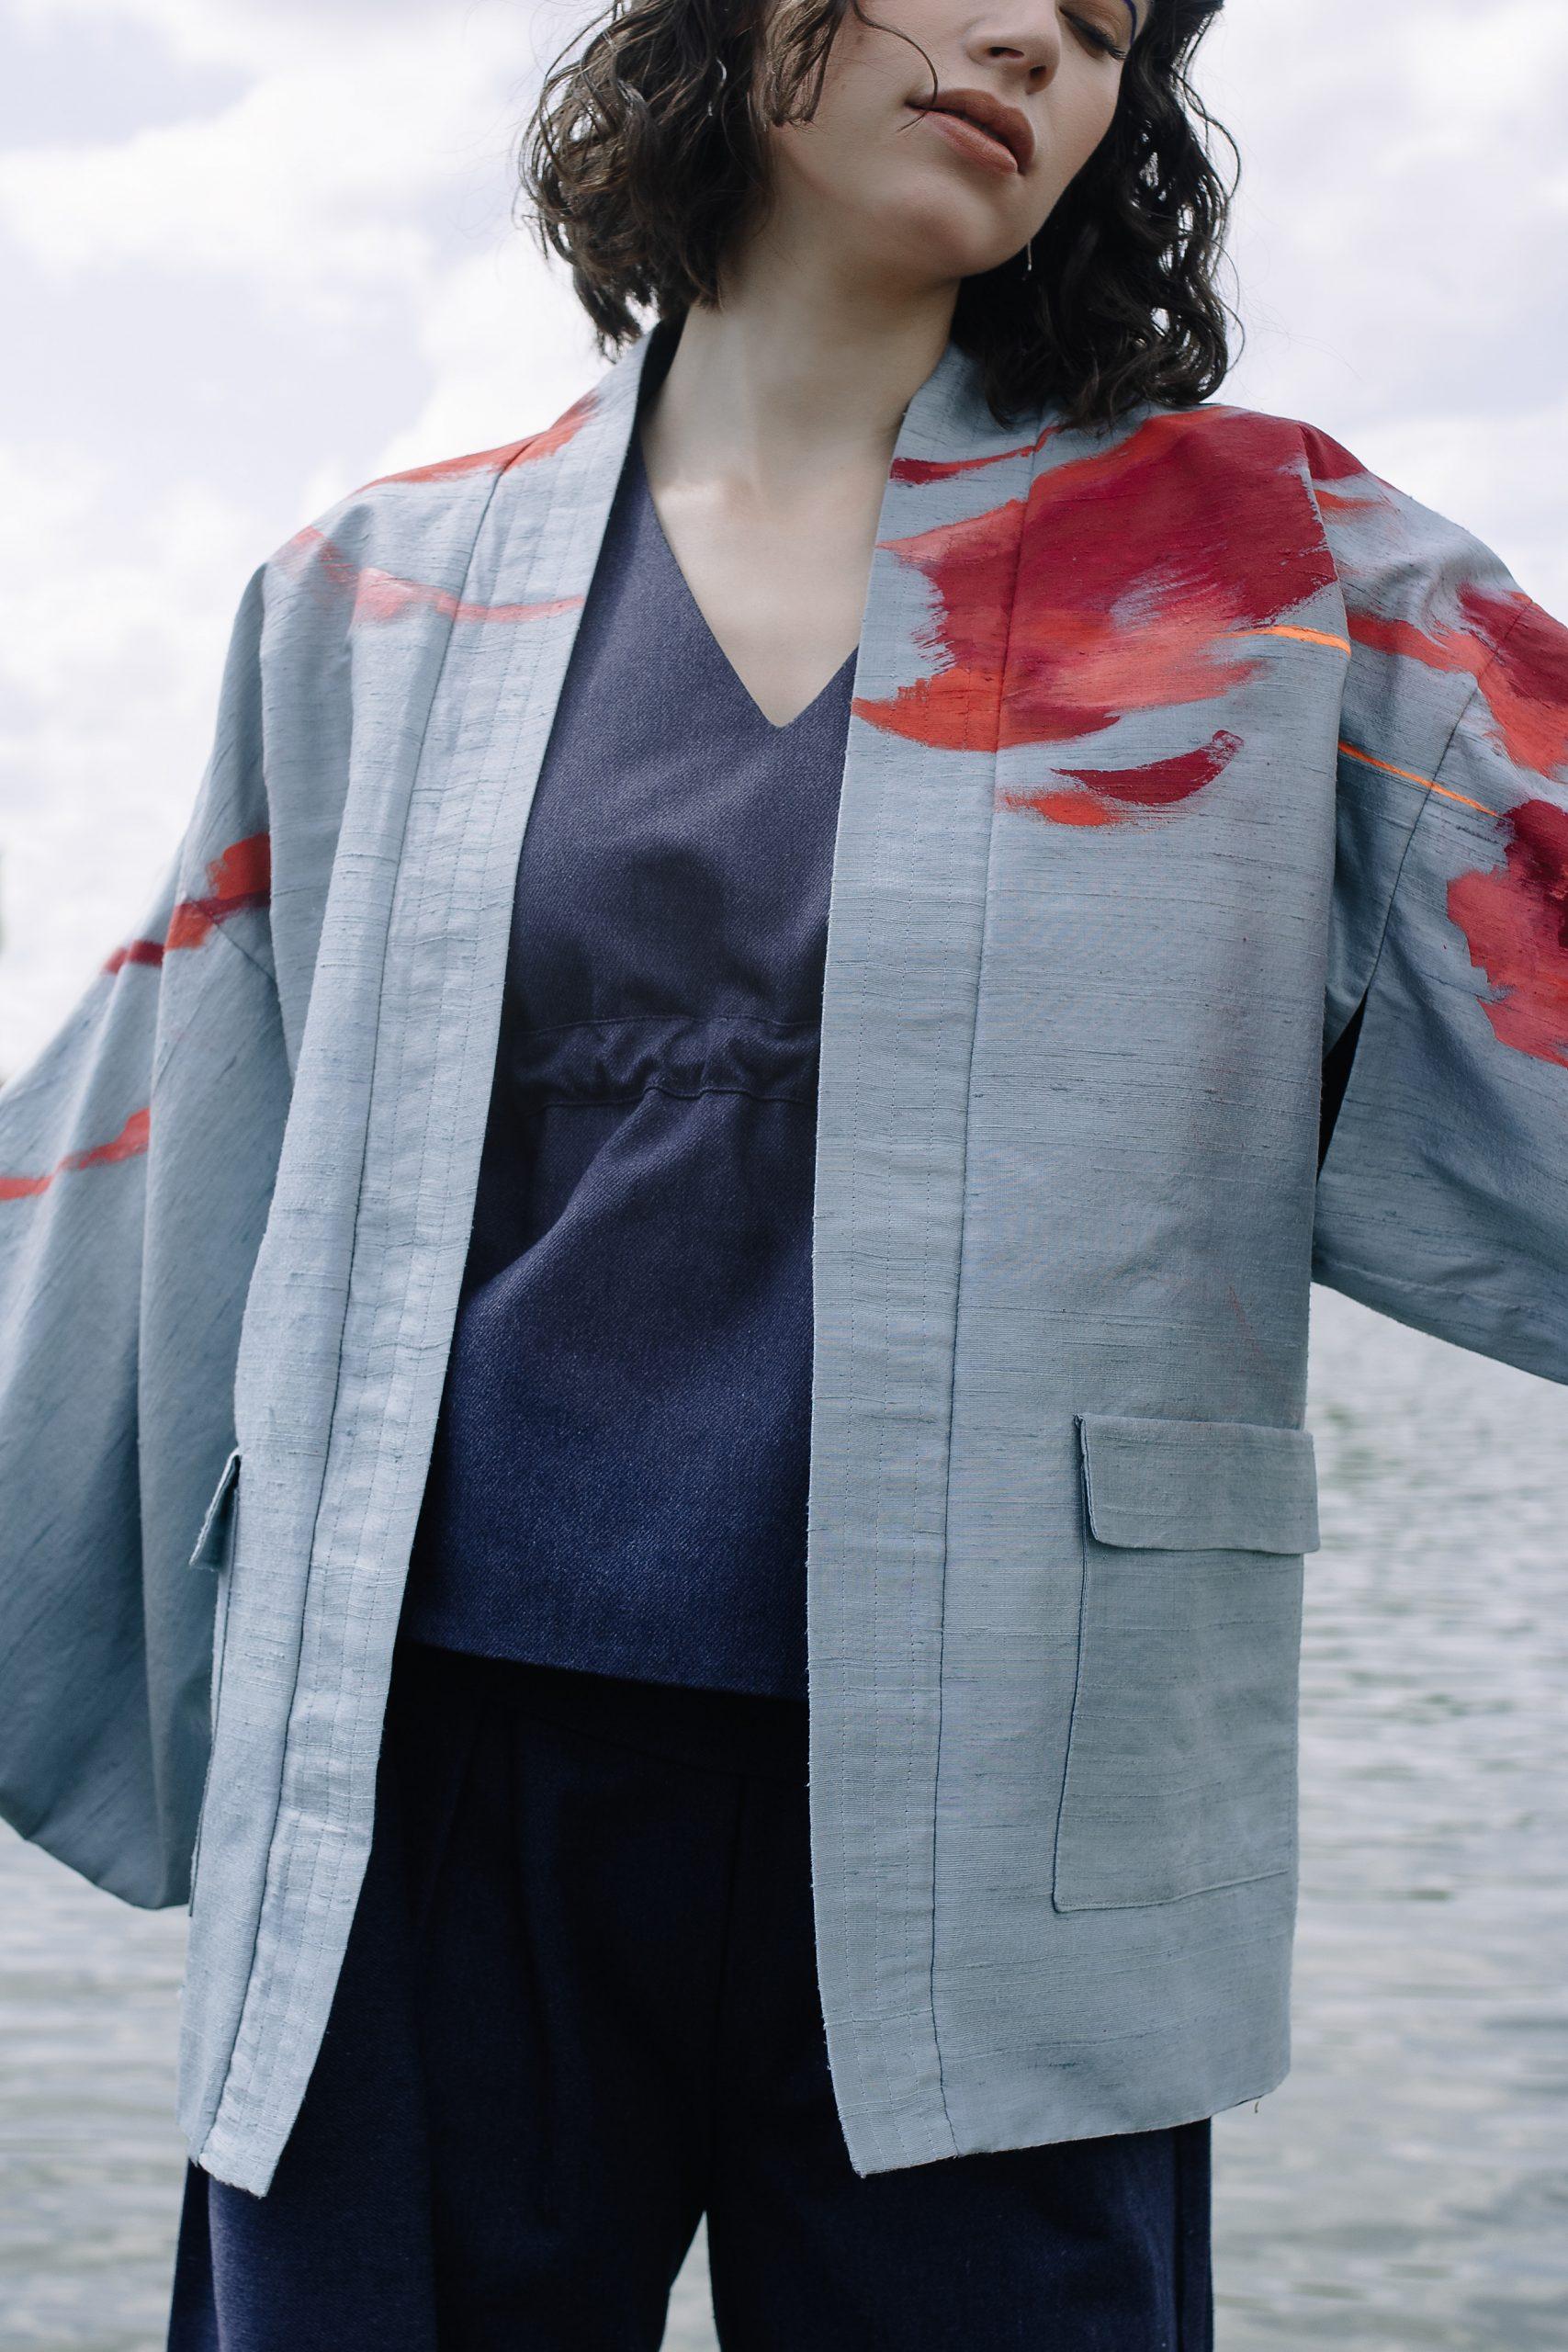 Avasan presenta colección inspirada en el movimiento de las olas